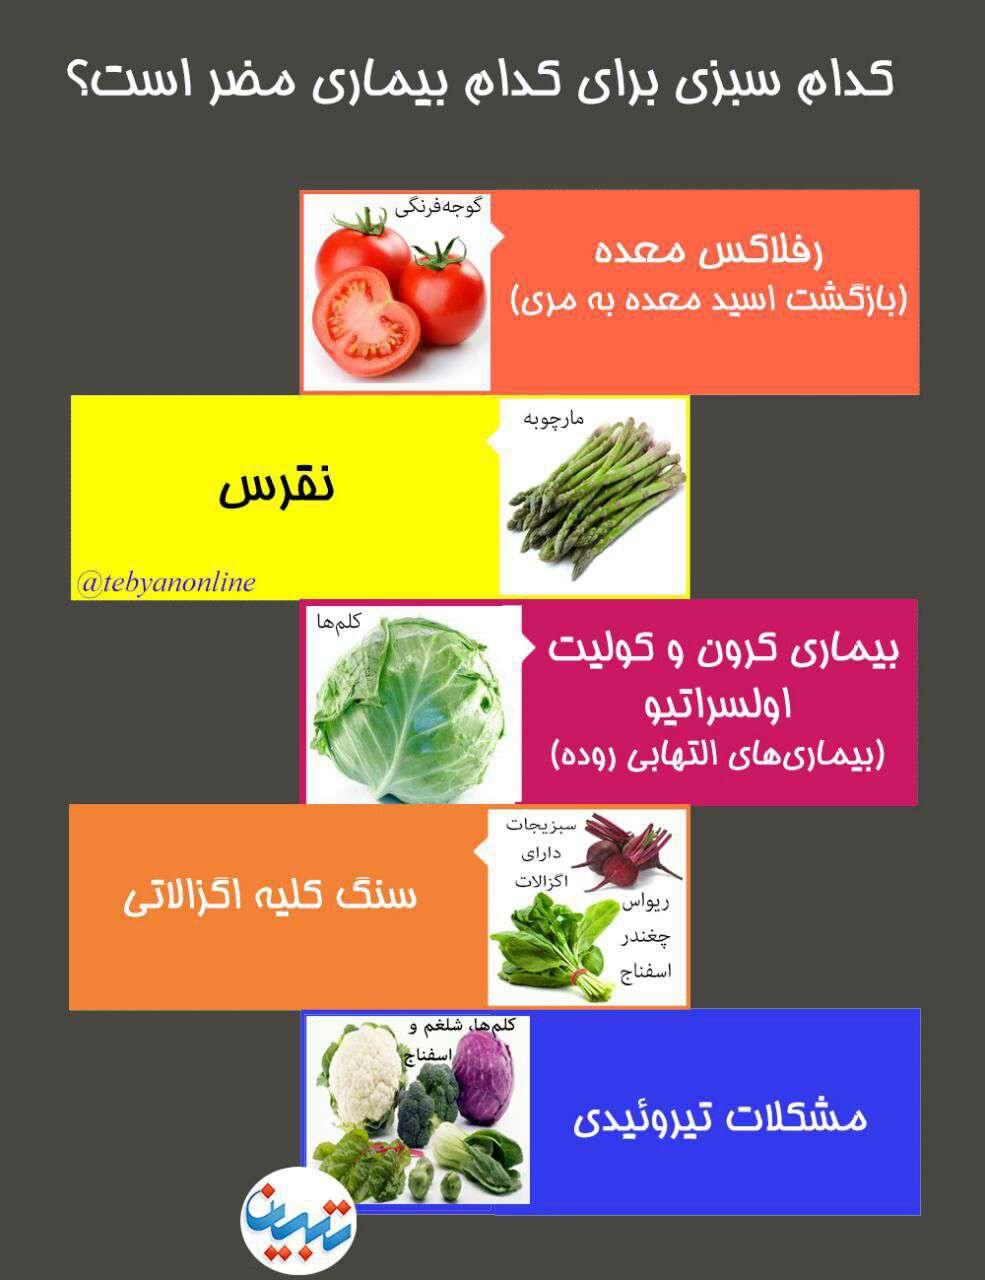 کدام سبزی برای کدام بیماری مضر است؟